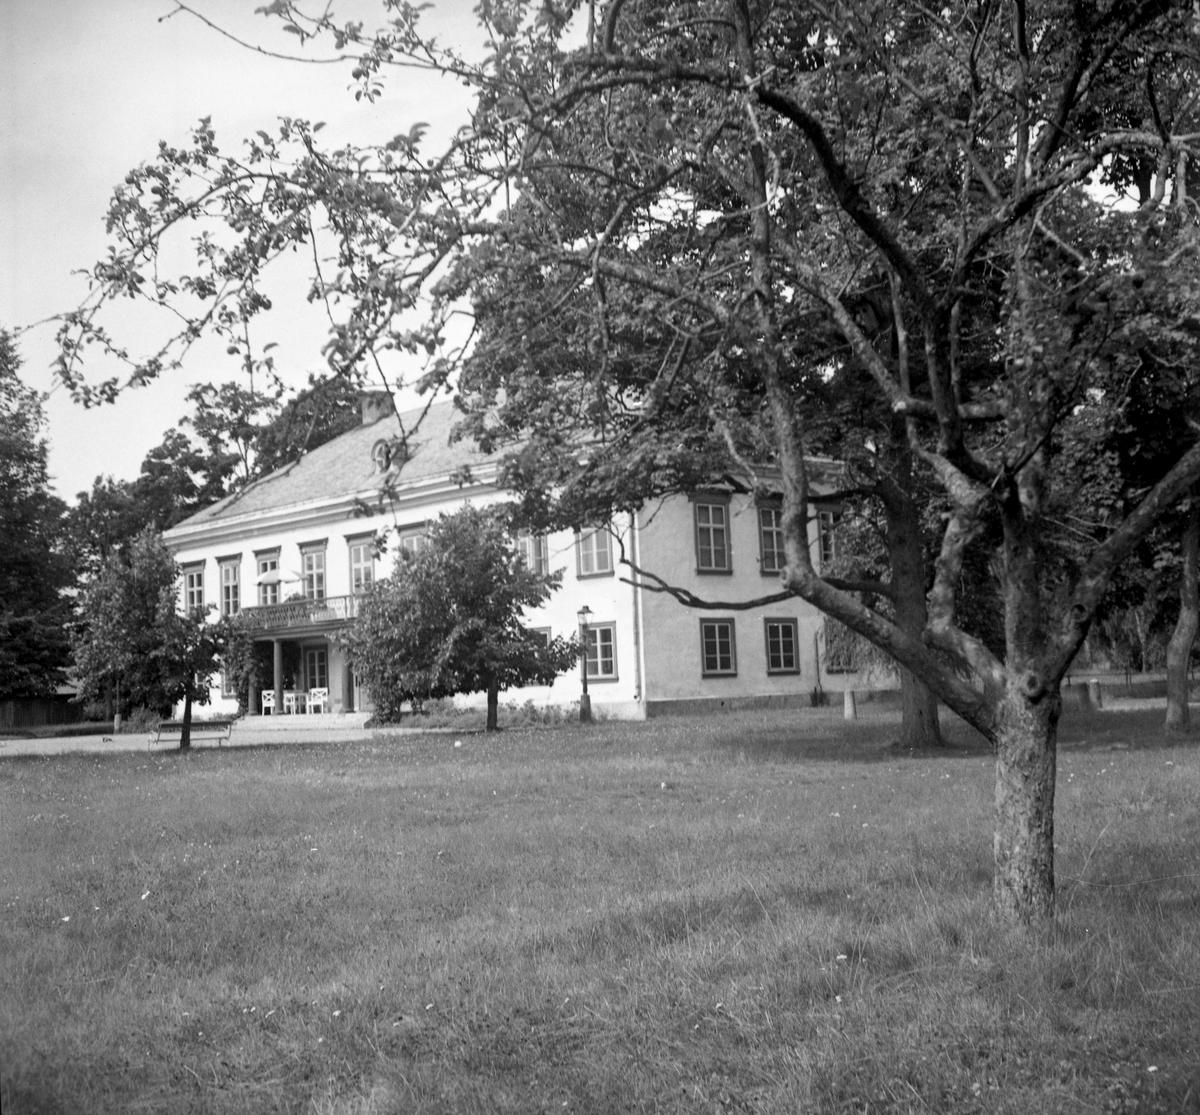 En serie bilder tagna i slutet av 1940-talet av gårdar och bostäder i Karlstads utkanter: Färjestads herrgård